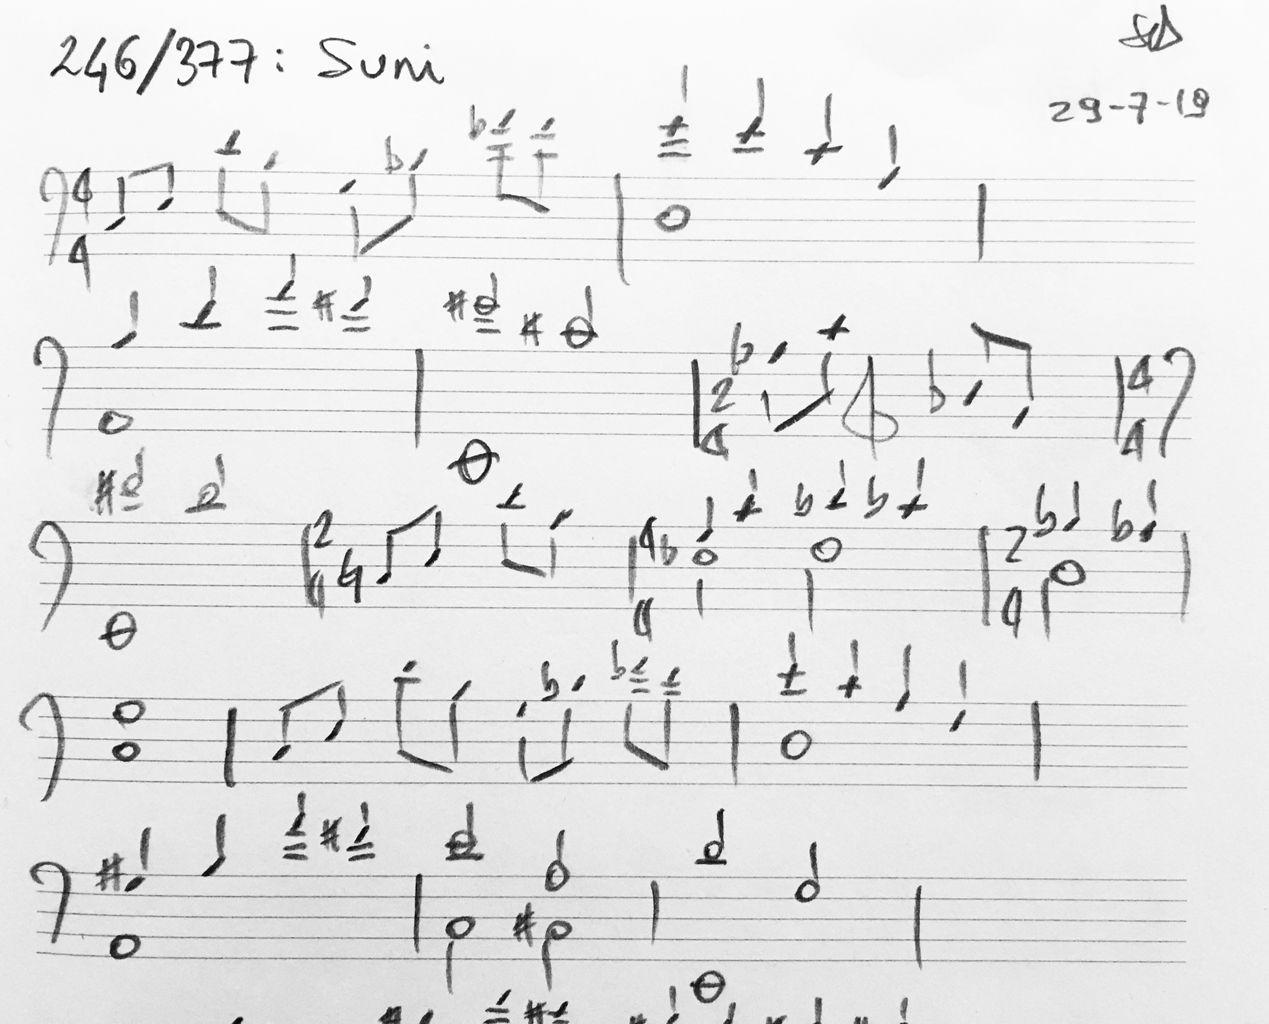 246-Suni-score